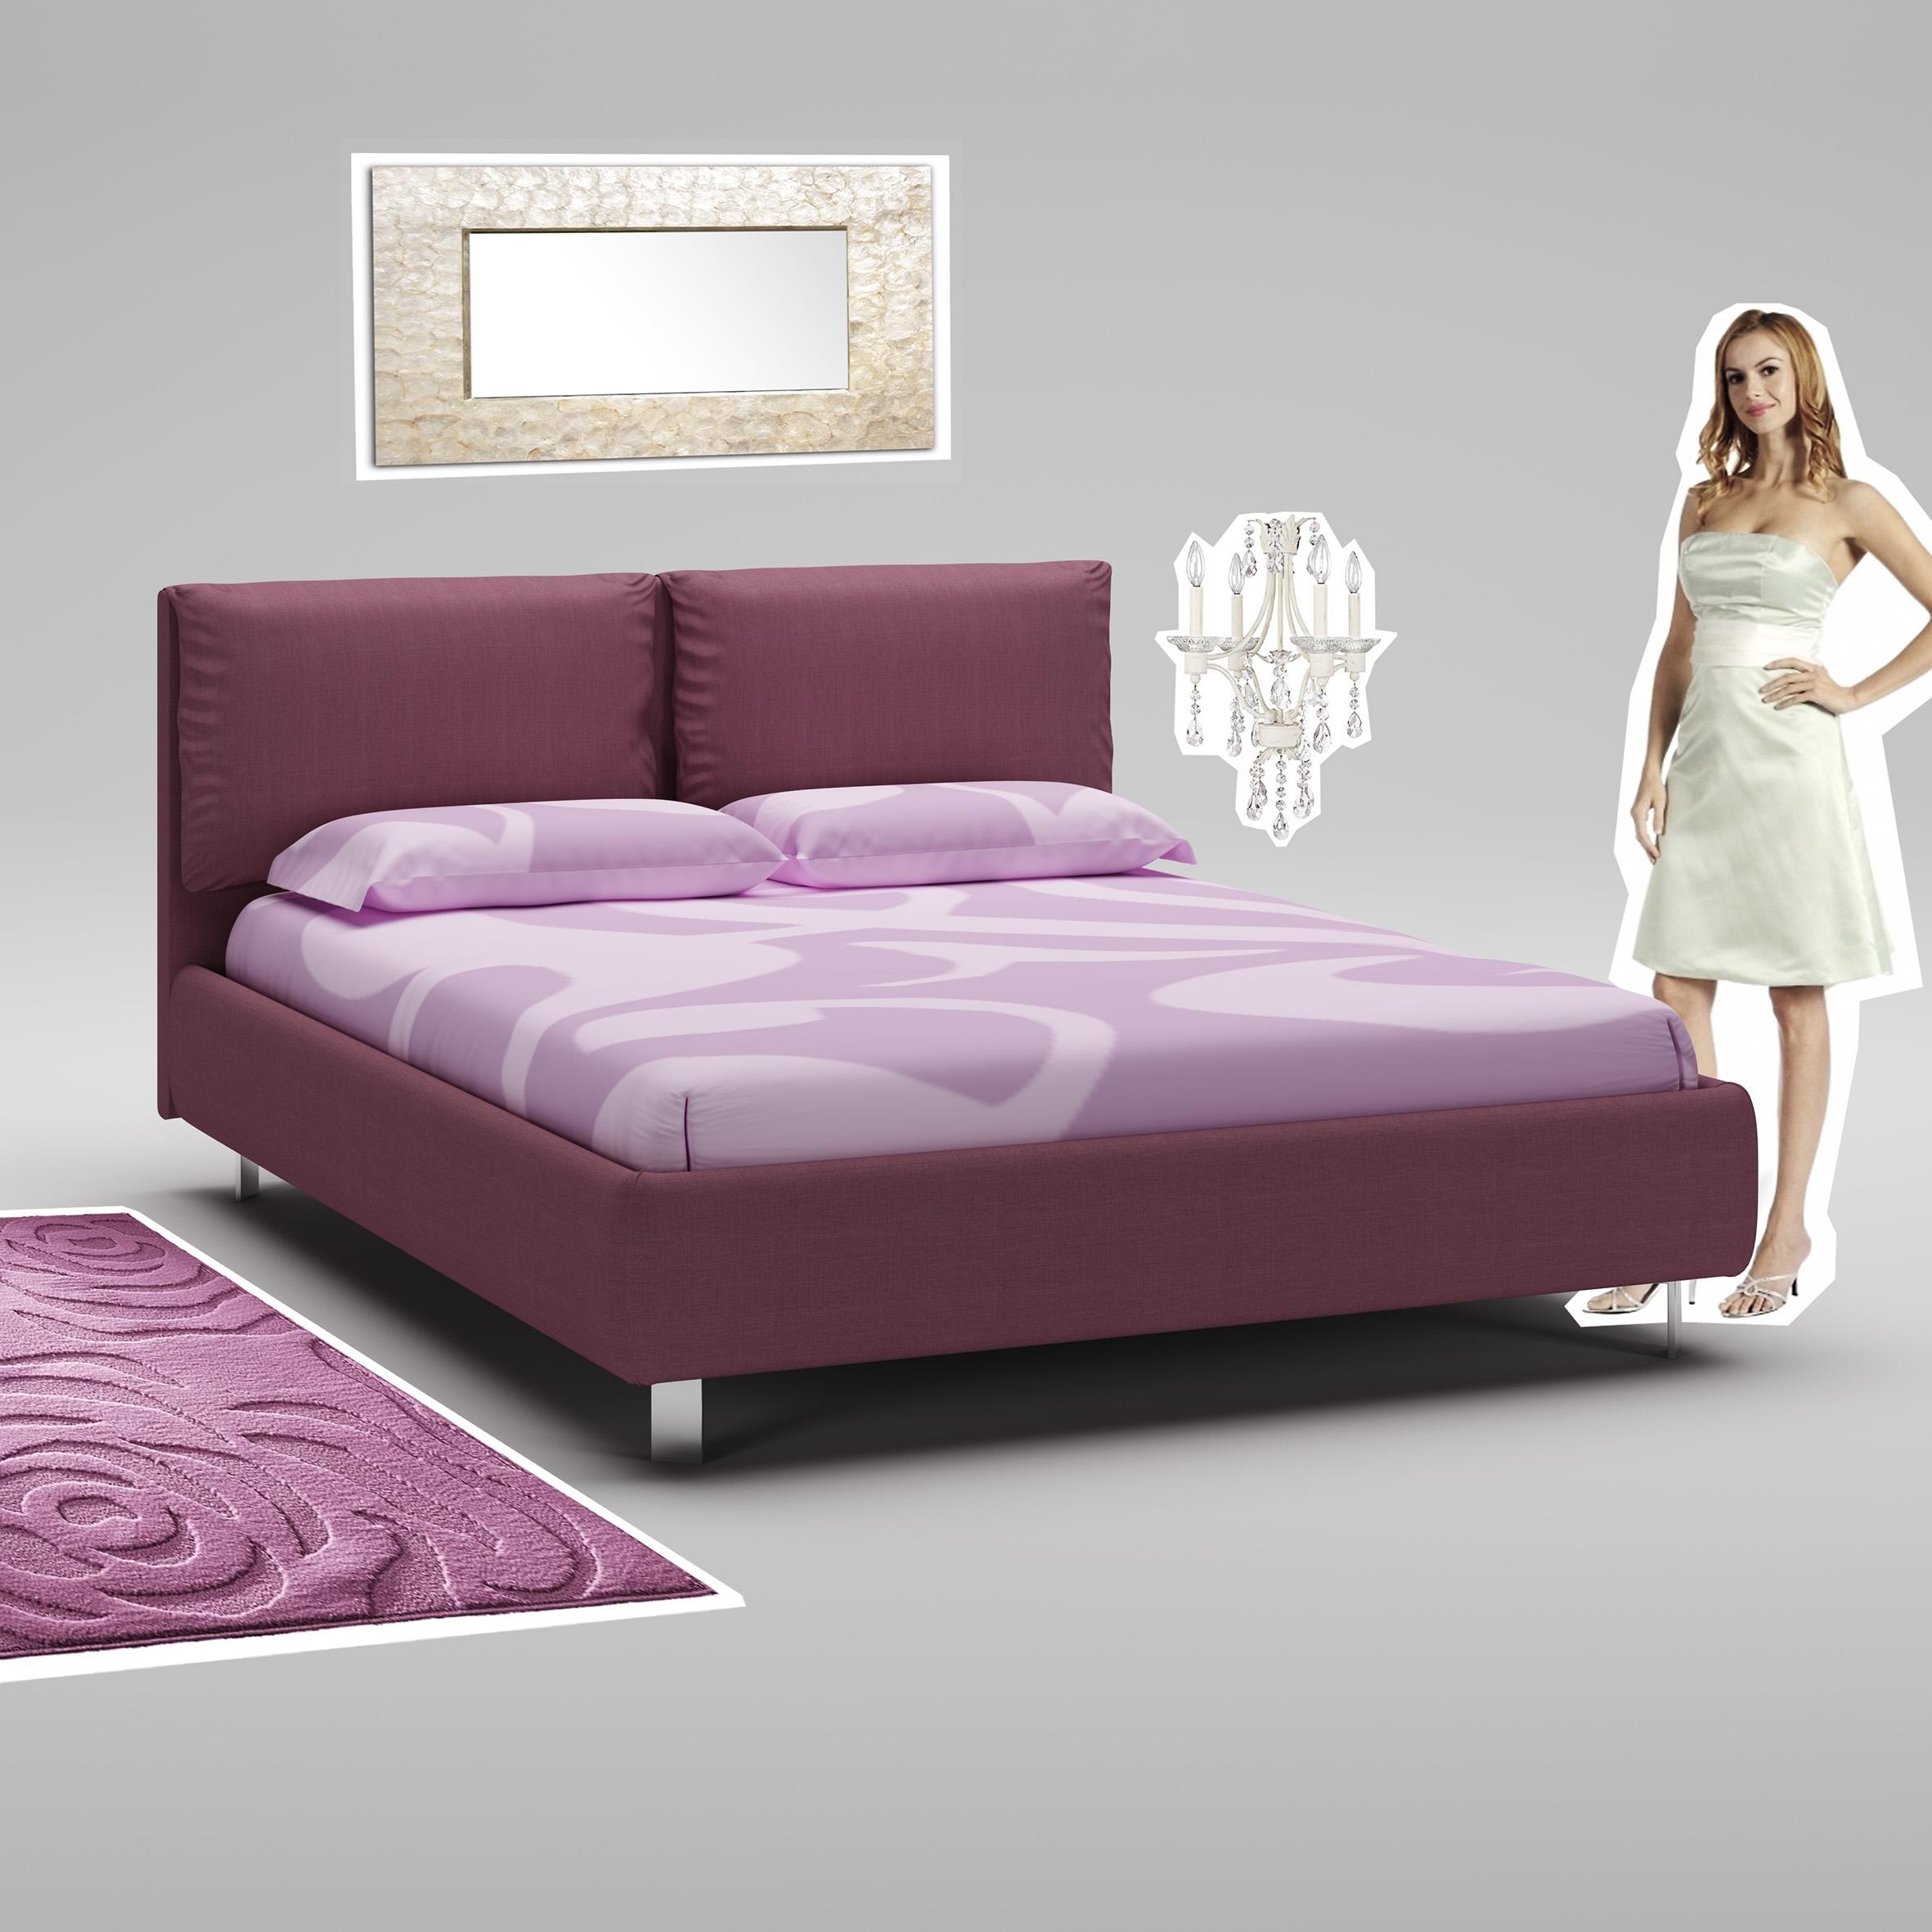 Lit 160x200 PERSONNALISABLE WL131 avec cadre et tête de lit rembourrés - MORETTI COMPACT